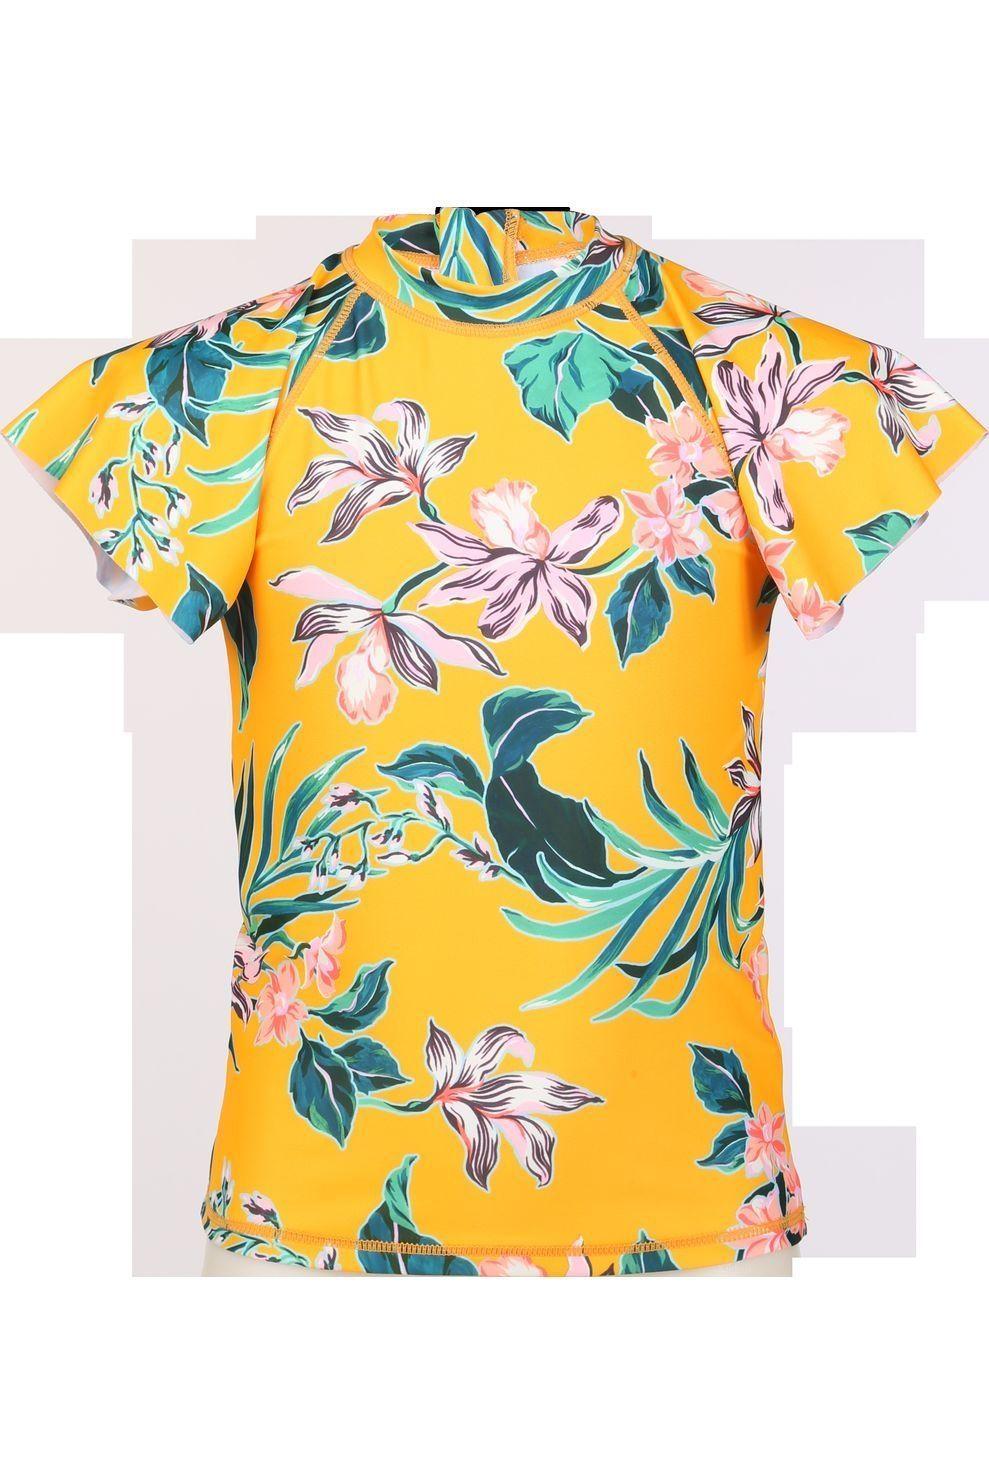 Shiwi Lycra Waikiki Rash Tee voor meisjes - Oranje - Maten: 104, 116, 128, 140, 152